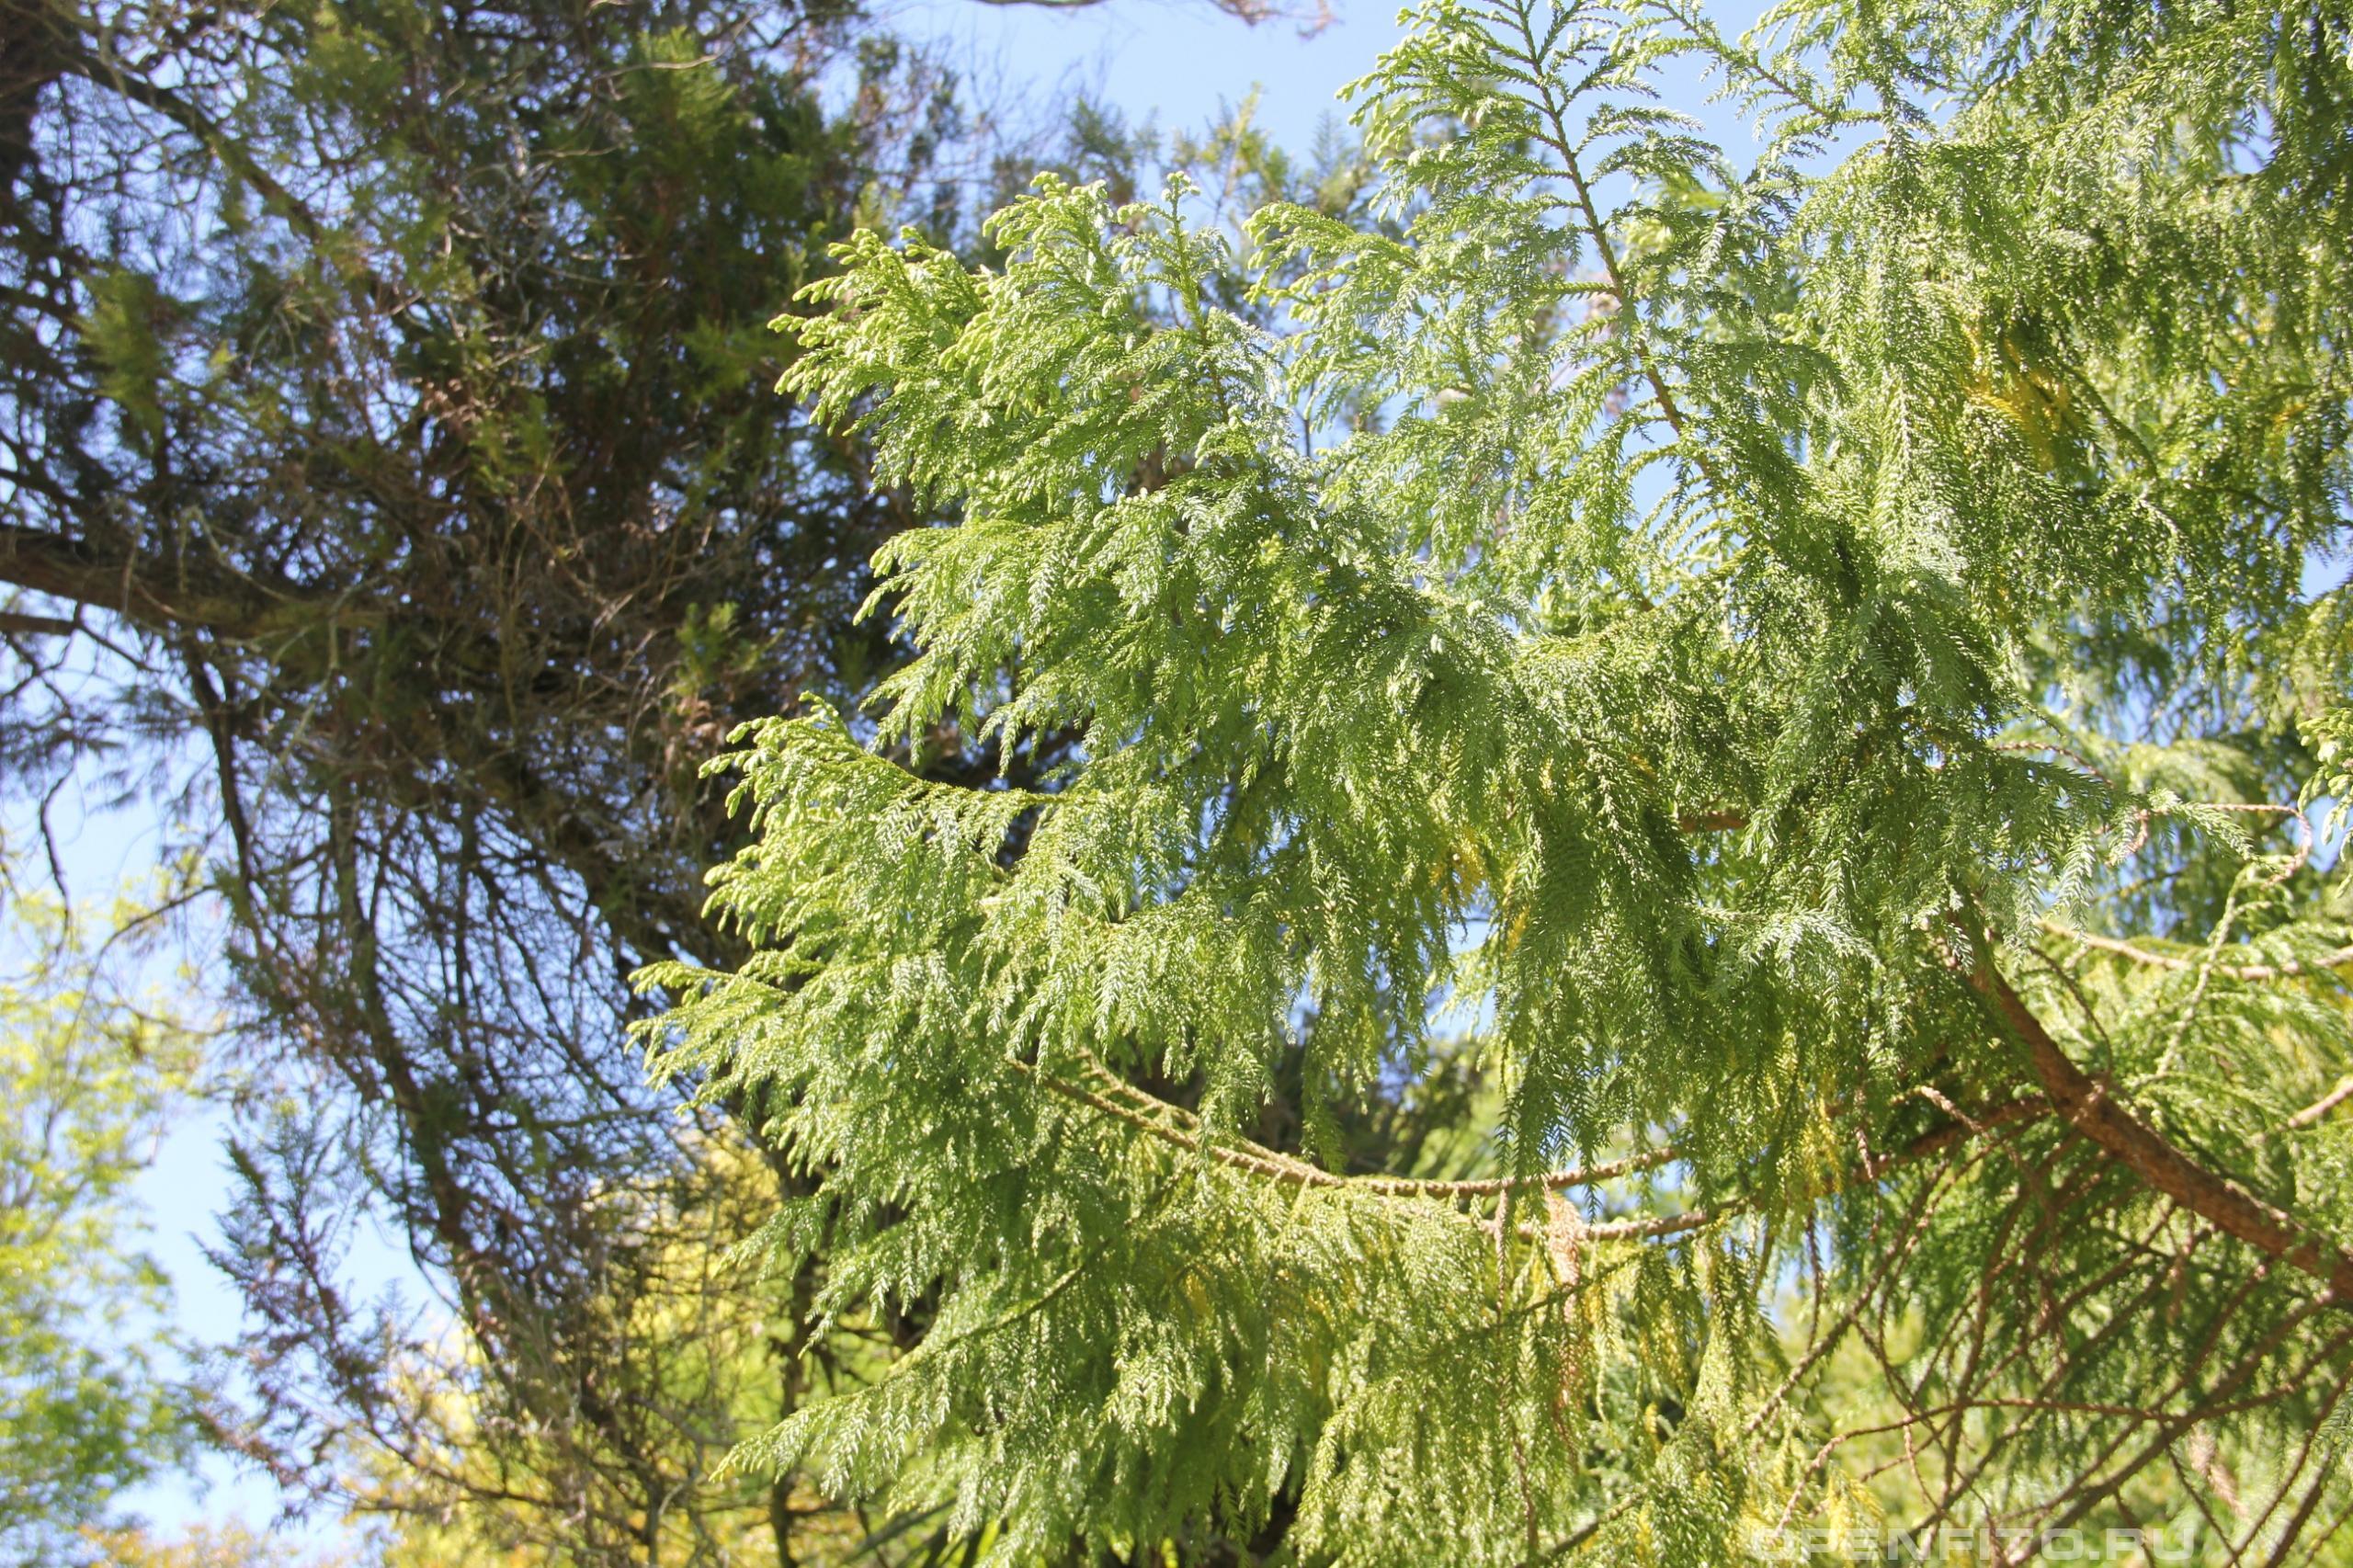 Тайвания криптомериевидная ветка с листьями